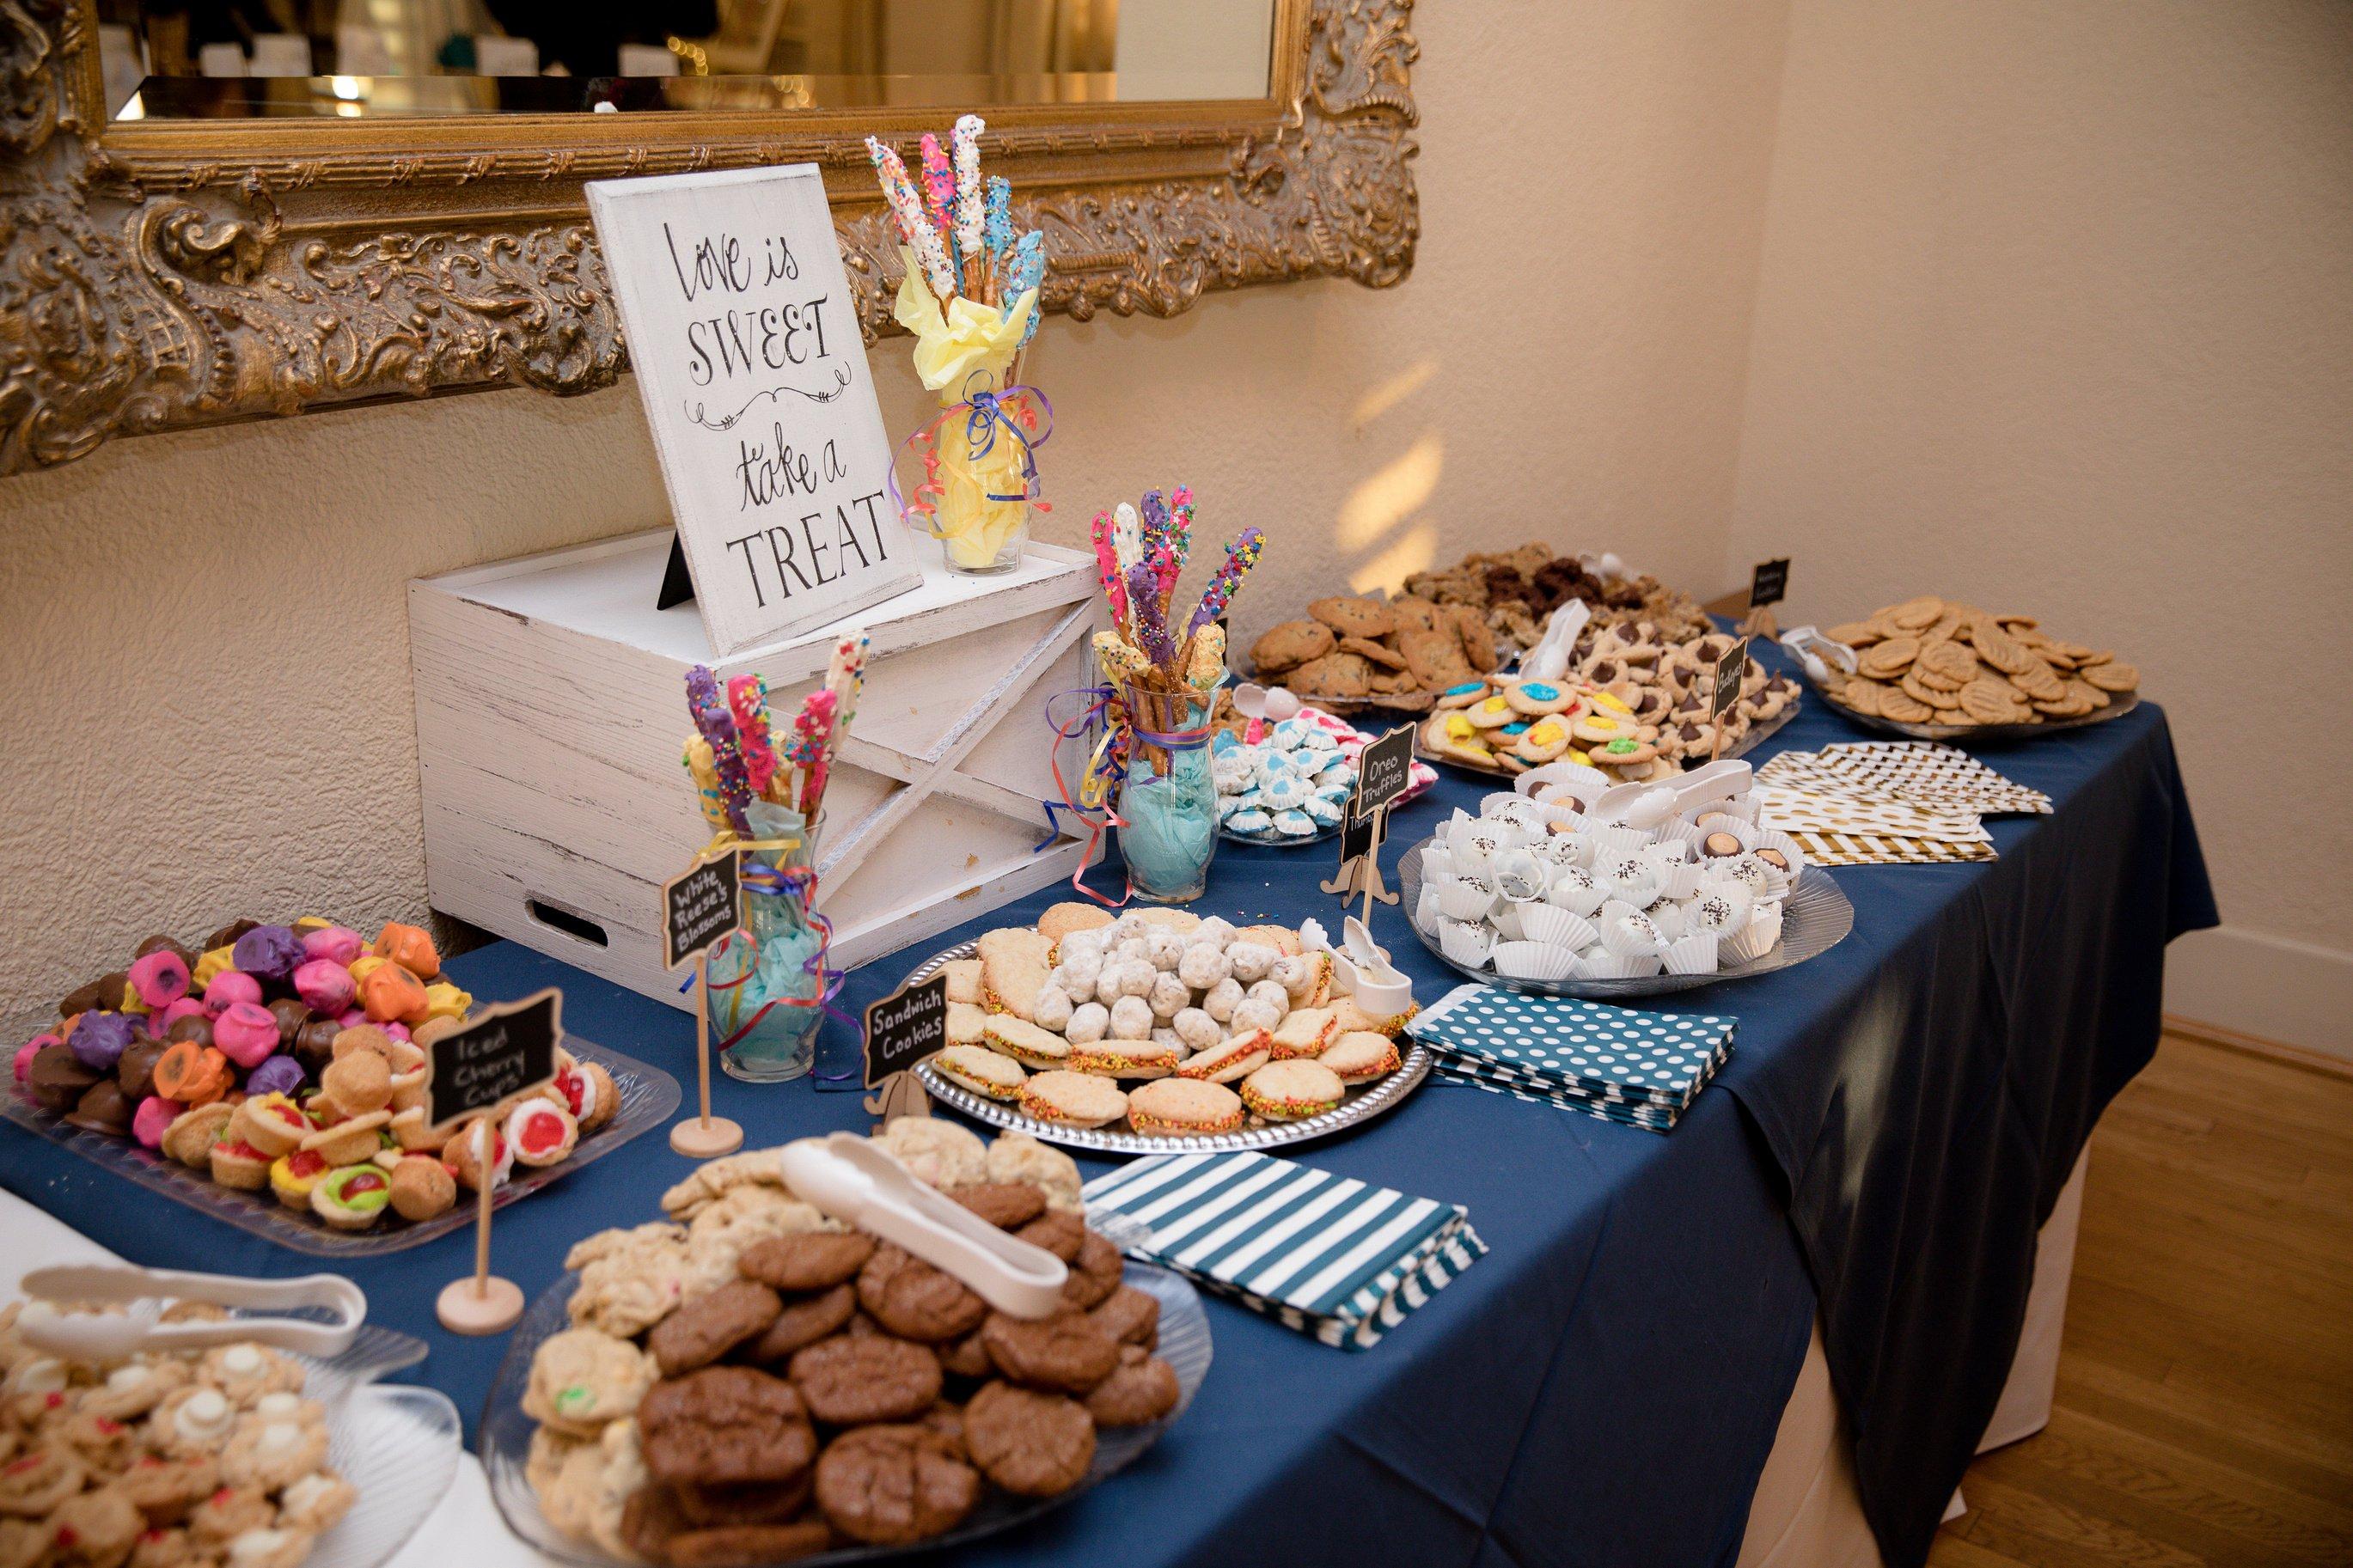 Waterfront-Wedding-Venue-Virginia-Beach-Sweets-Table.jpg